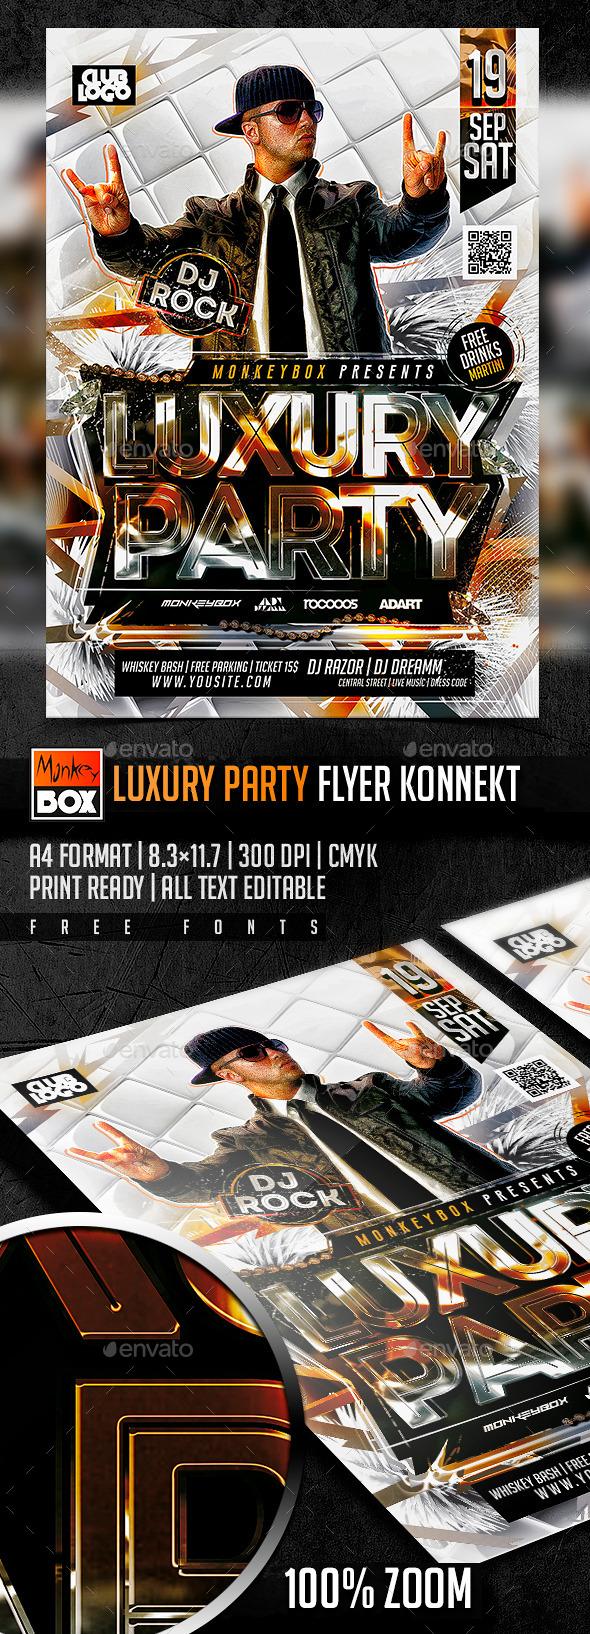 Luxury Party Flyer Konnekt